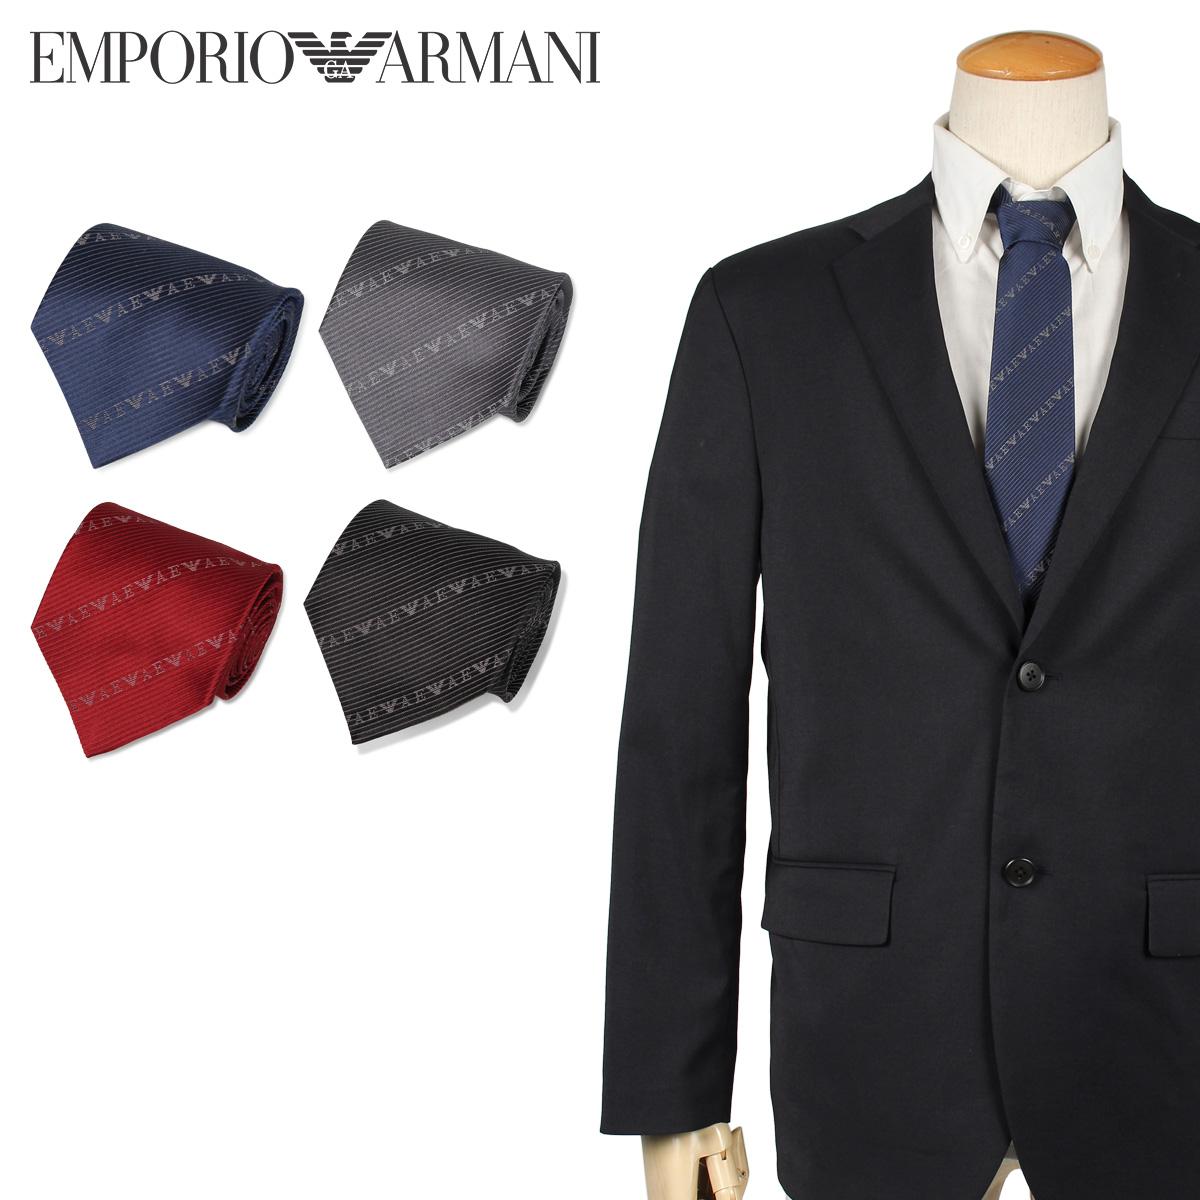 EMPORIO ARMANI エンポリオ アルマーニ ネクタイ メンズ イタリア製 シルク ビジネス 結婚式 ブラック グレー ネイビー レッド 黒